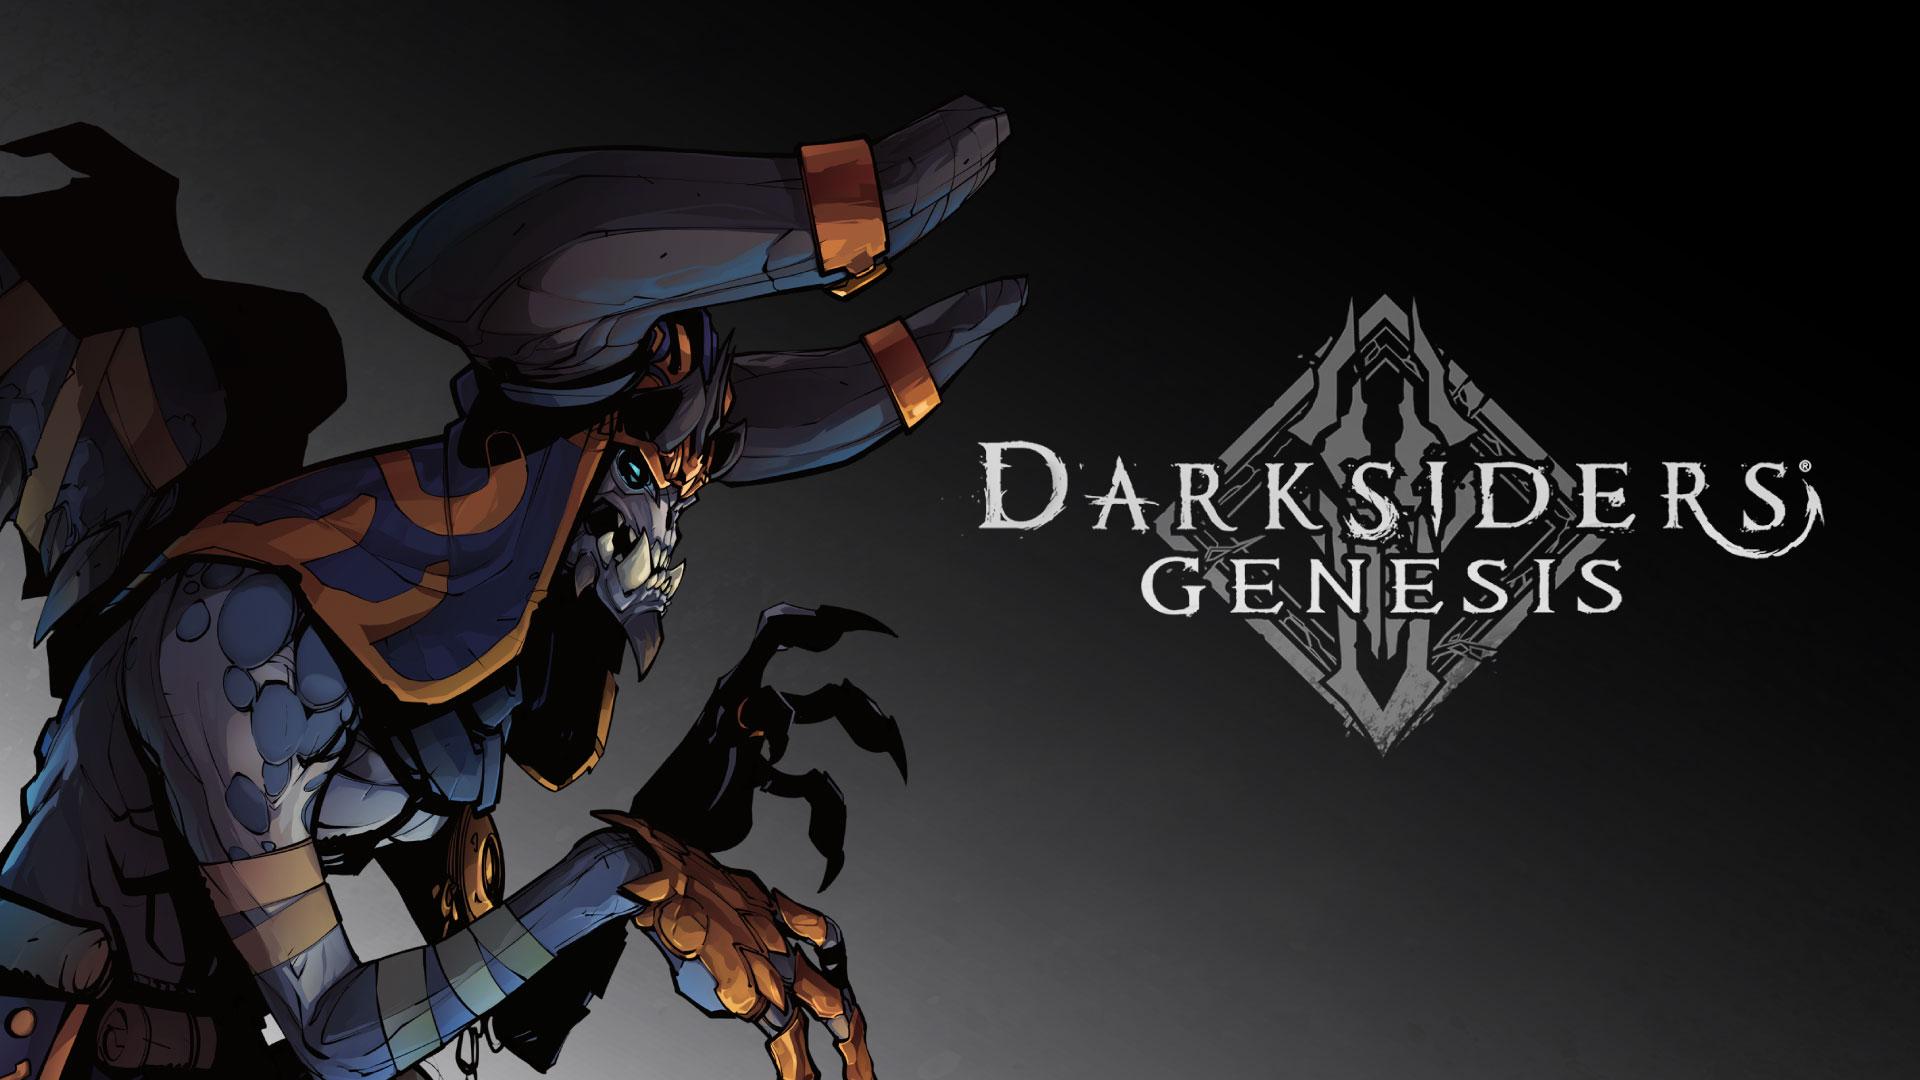 Showcase Darksiders Genesis